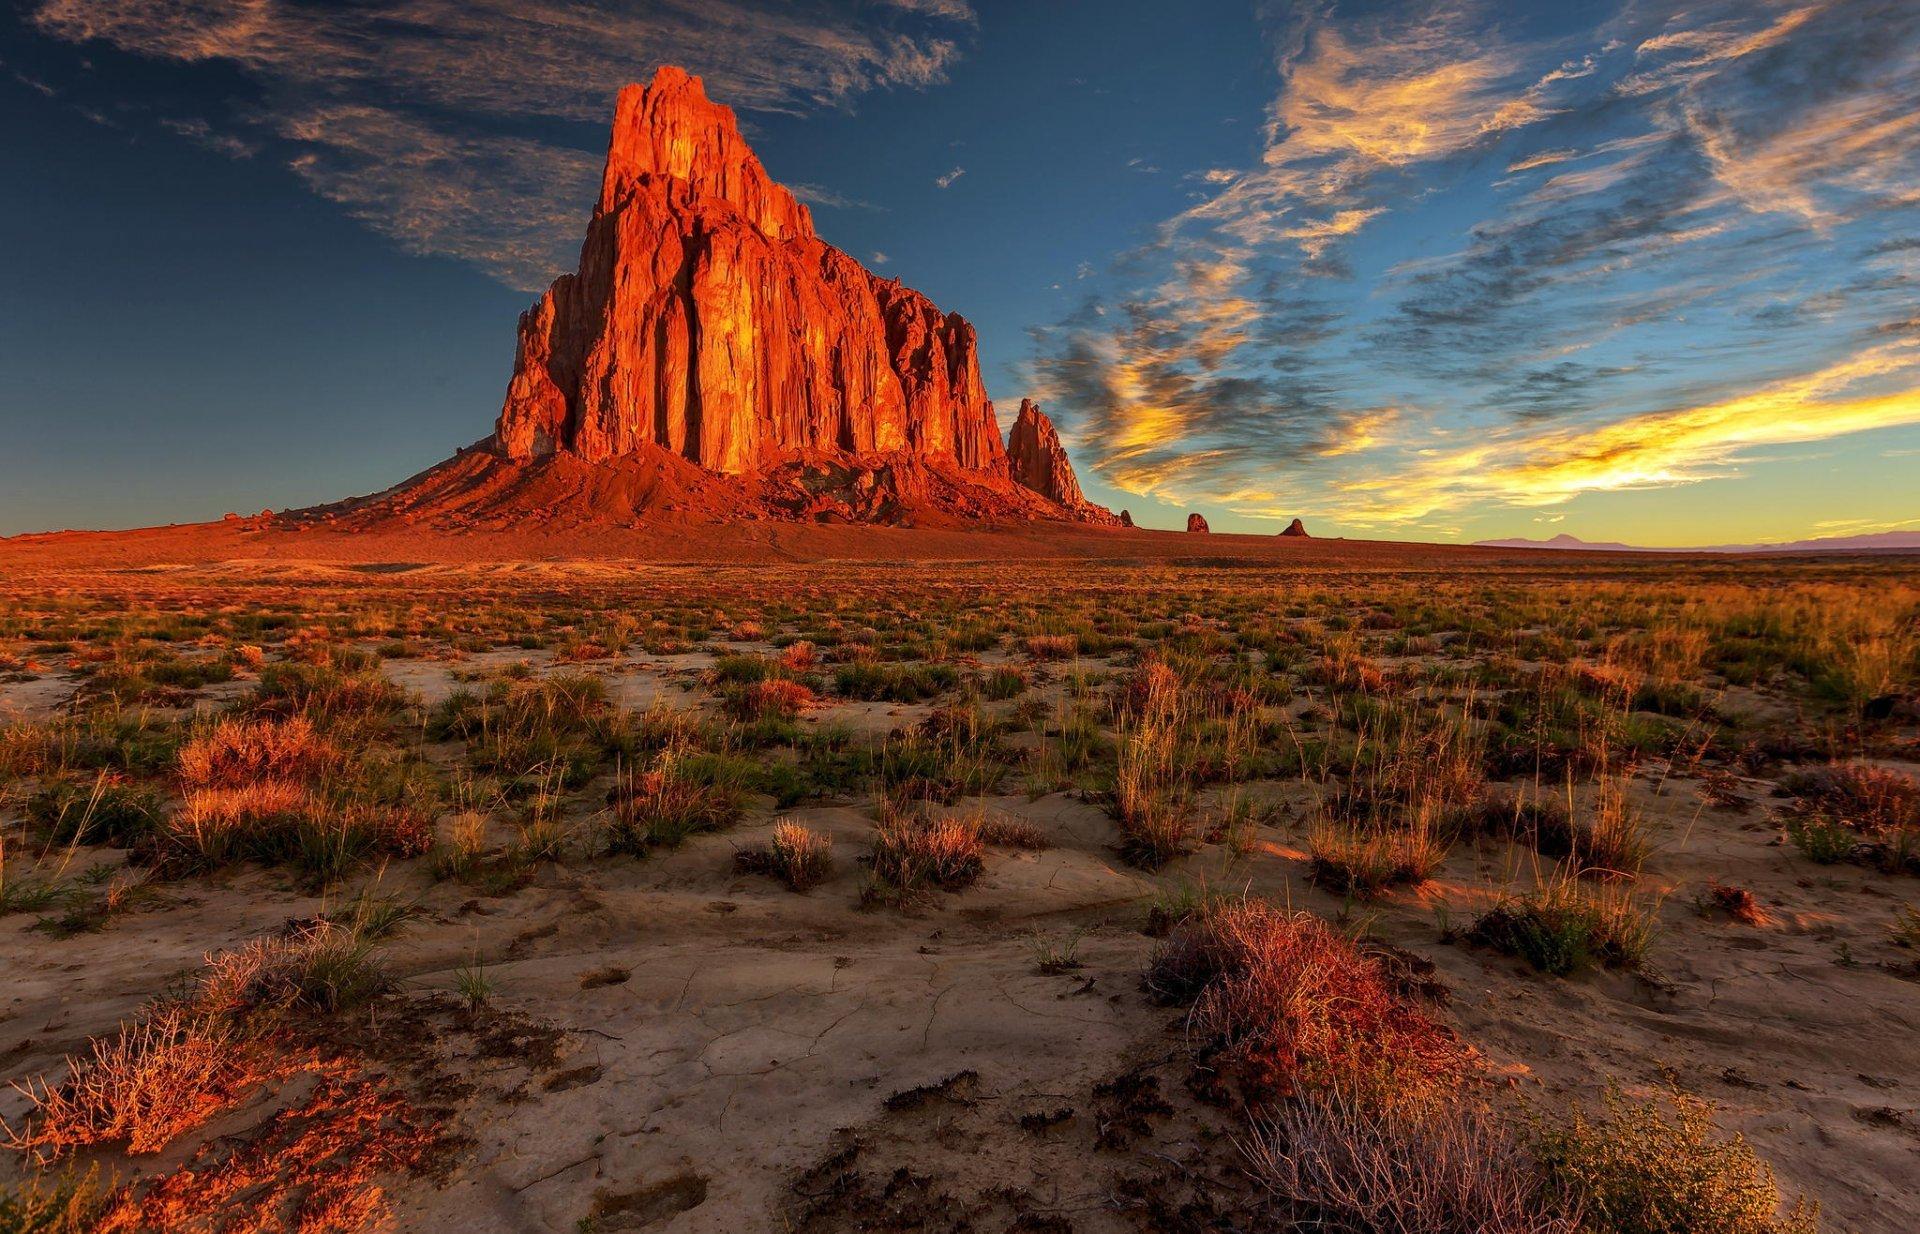 new-mexico-desert-rock-nature-landscape